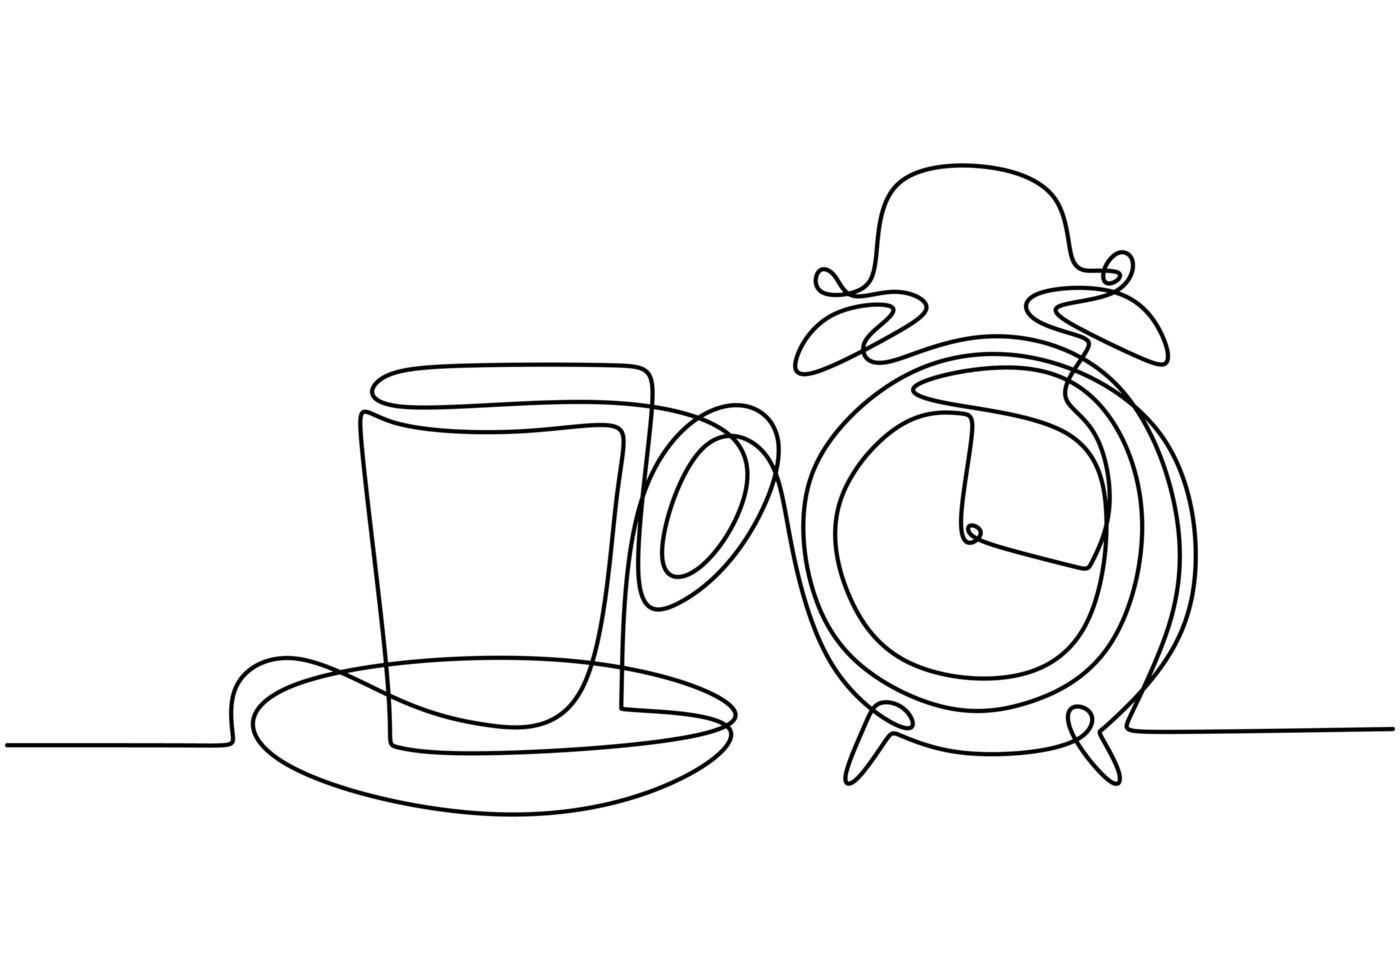 dibujo continuo de una línea, vector de reloj despertador y taza de café, símbolo de gestión del tiempo, área de trabajo y fecha límite. diseño minimalista con simplicidad dibujado a mano aislado sobre fondo blanco.